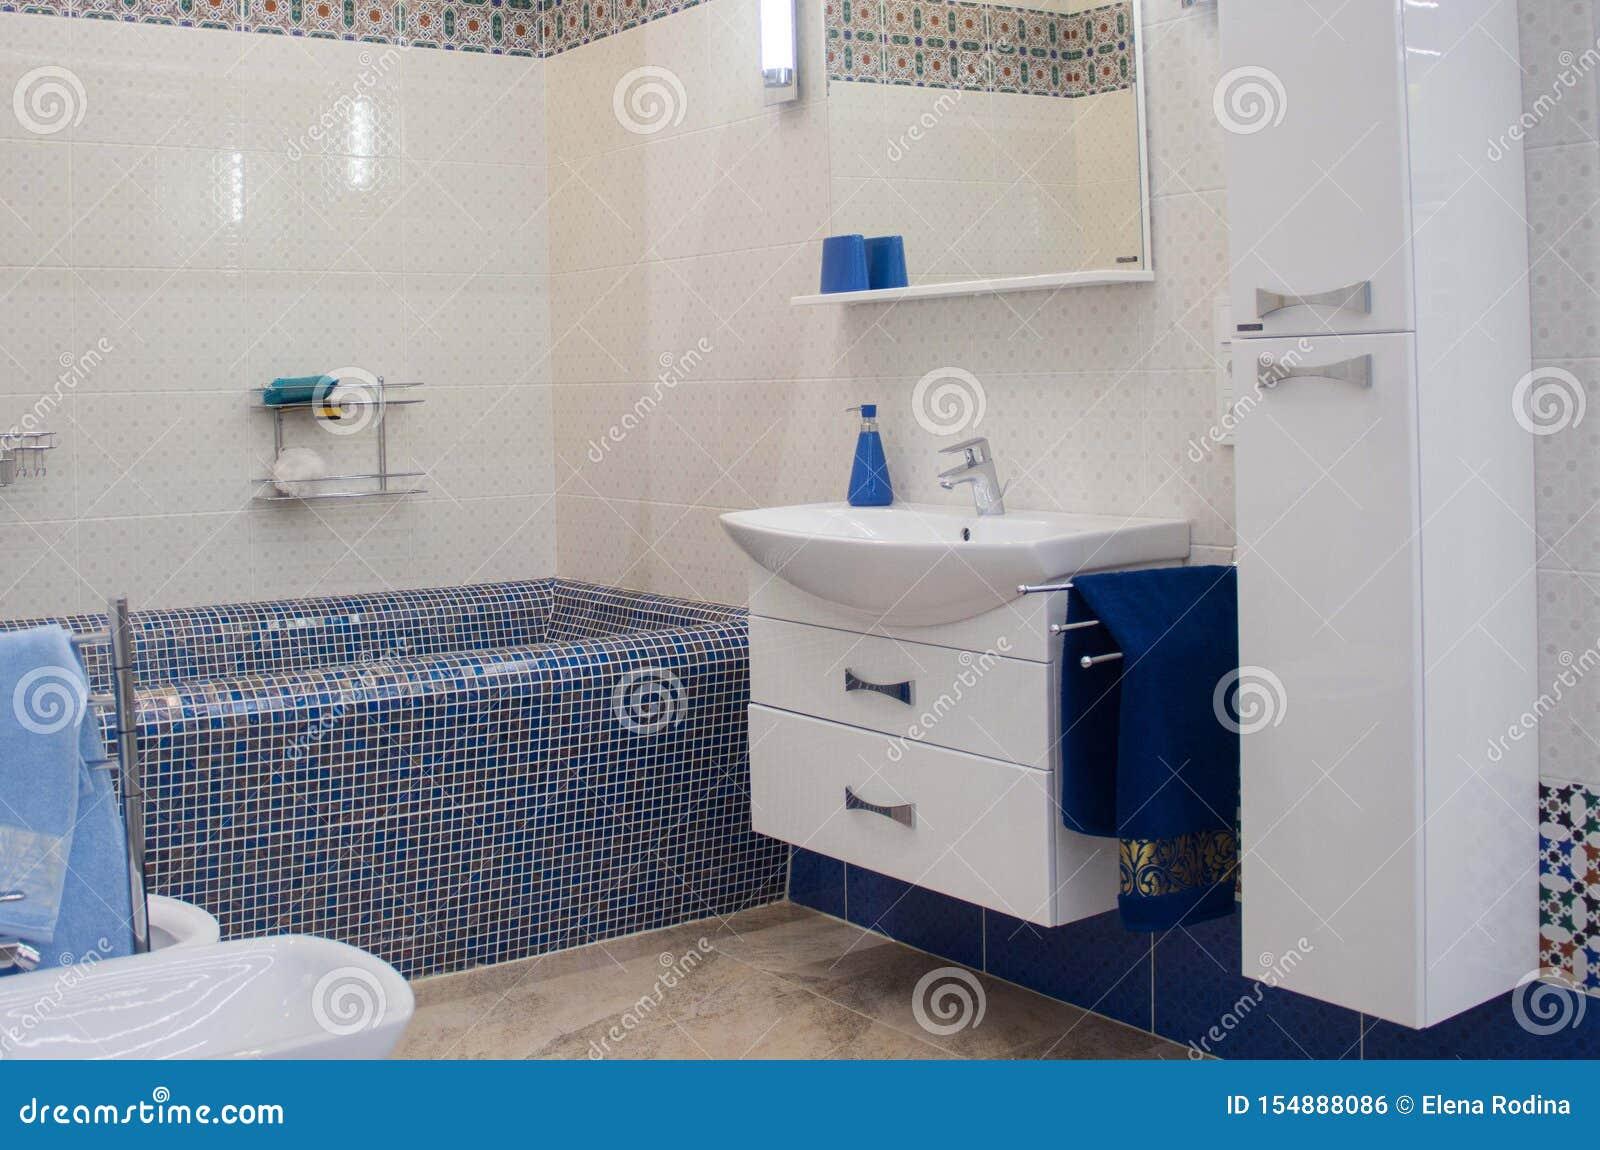 Modernes Luxusbadezimmer mit großer Badewanne und Mosaikfliesen